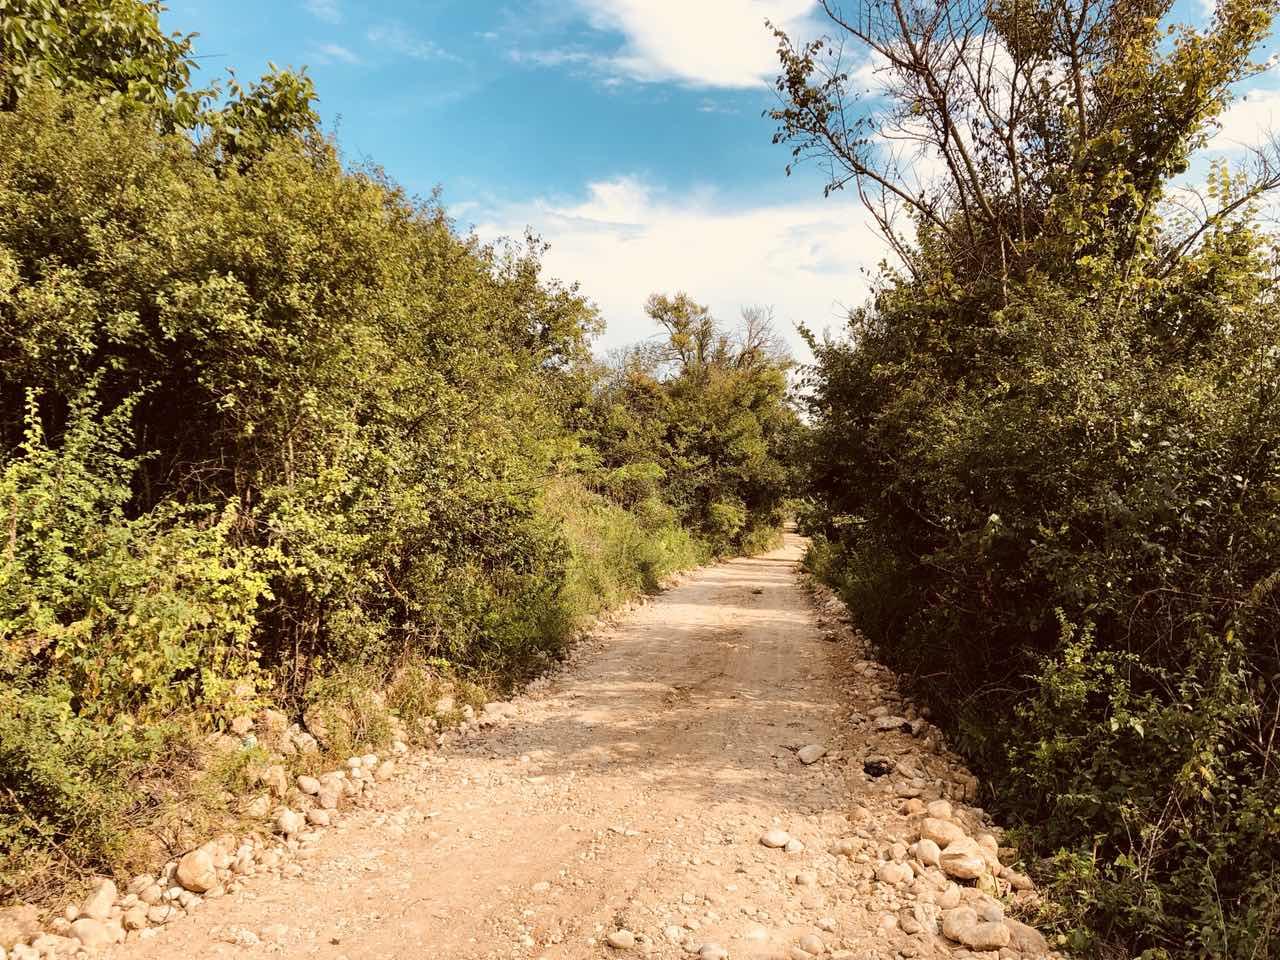 Atarskim putem povezana naselja Niševac i Šljivovik